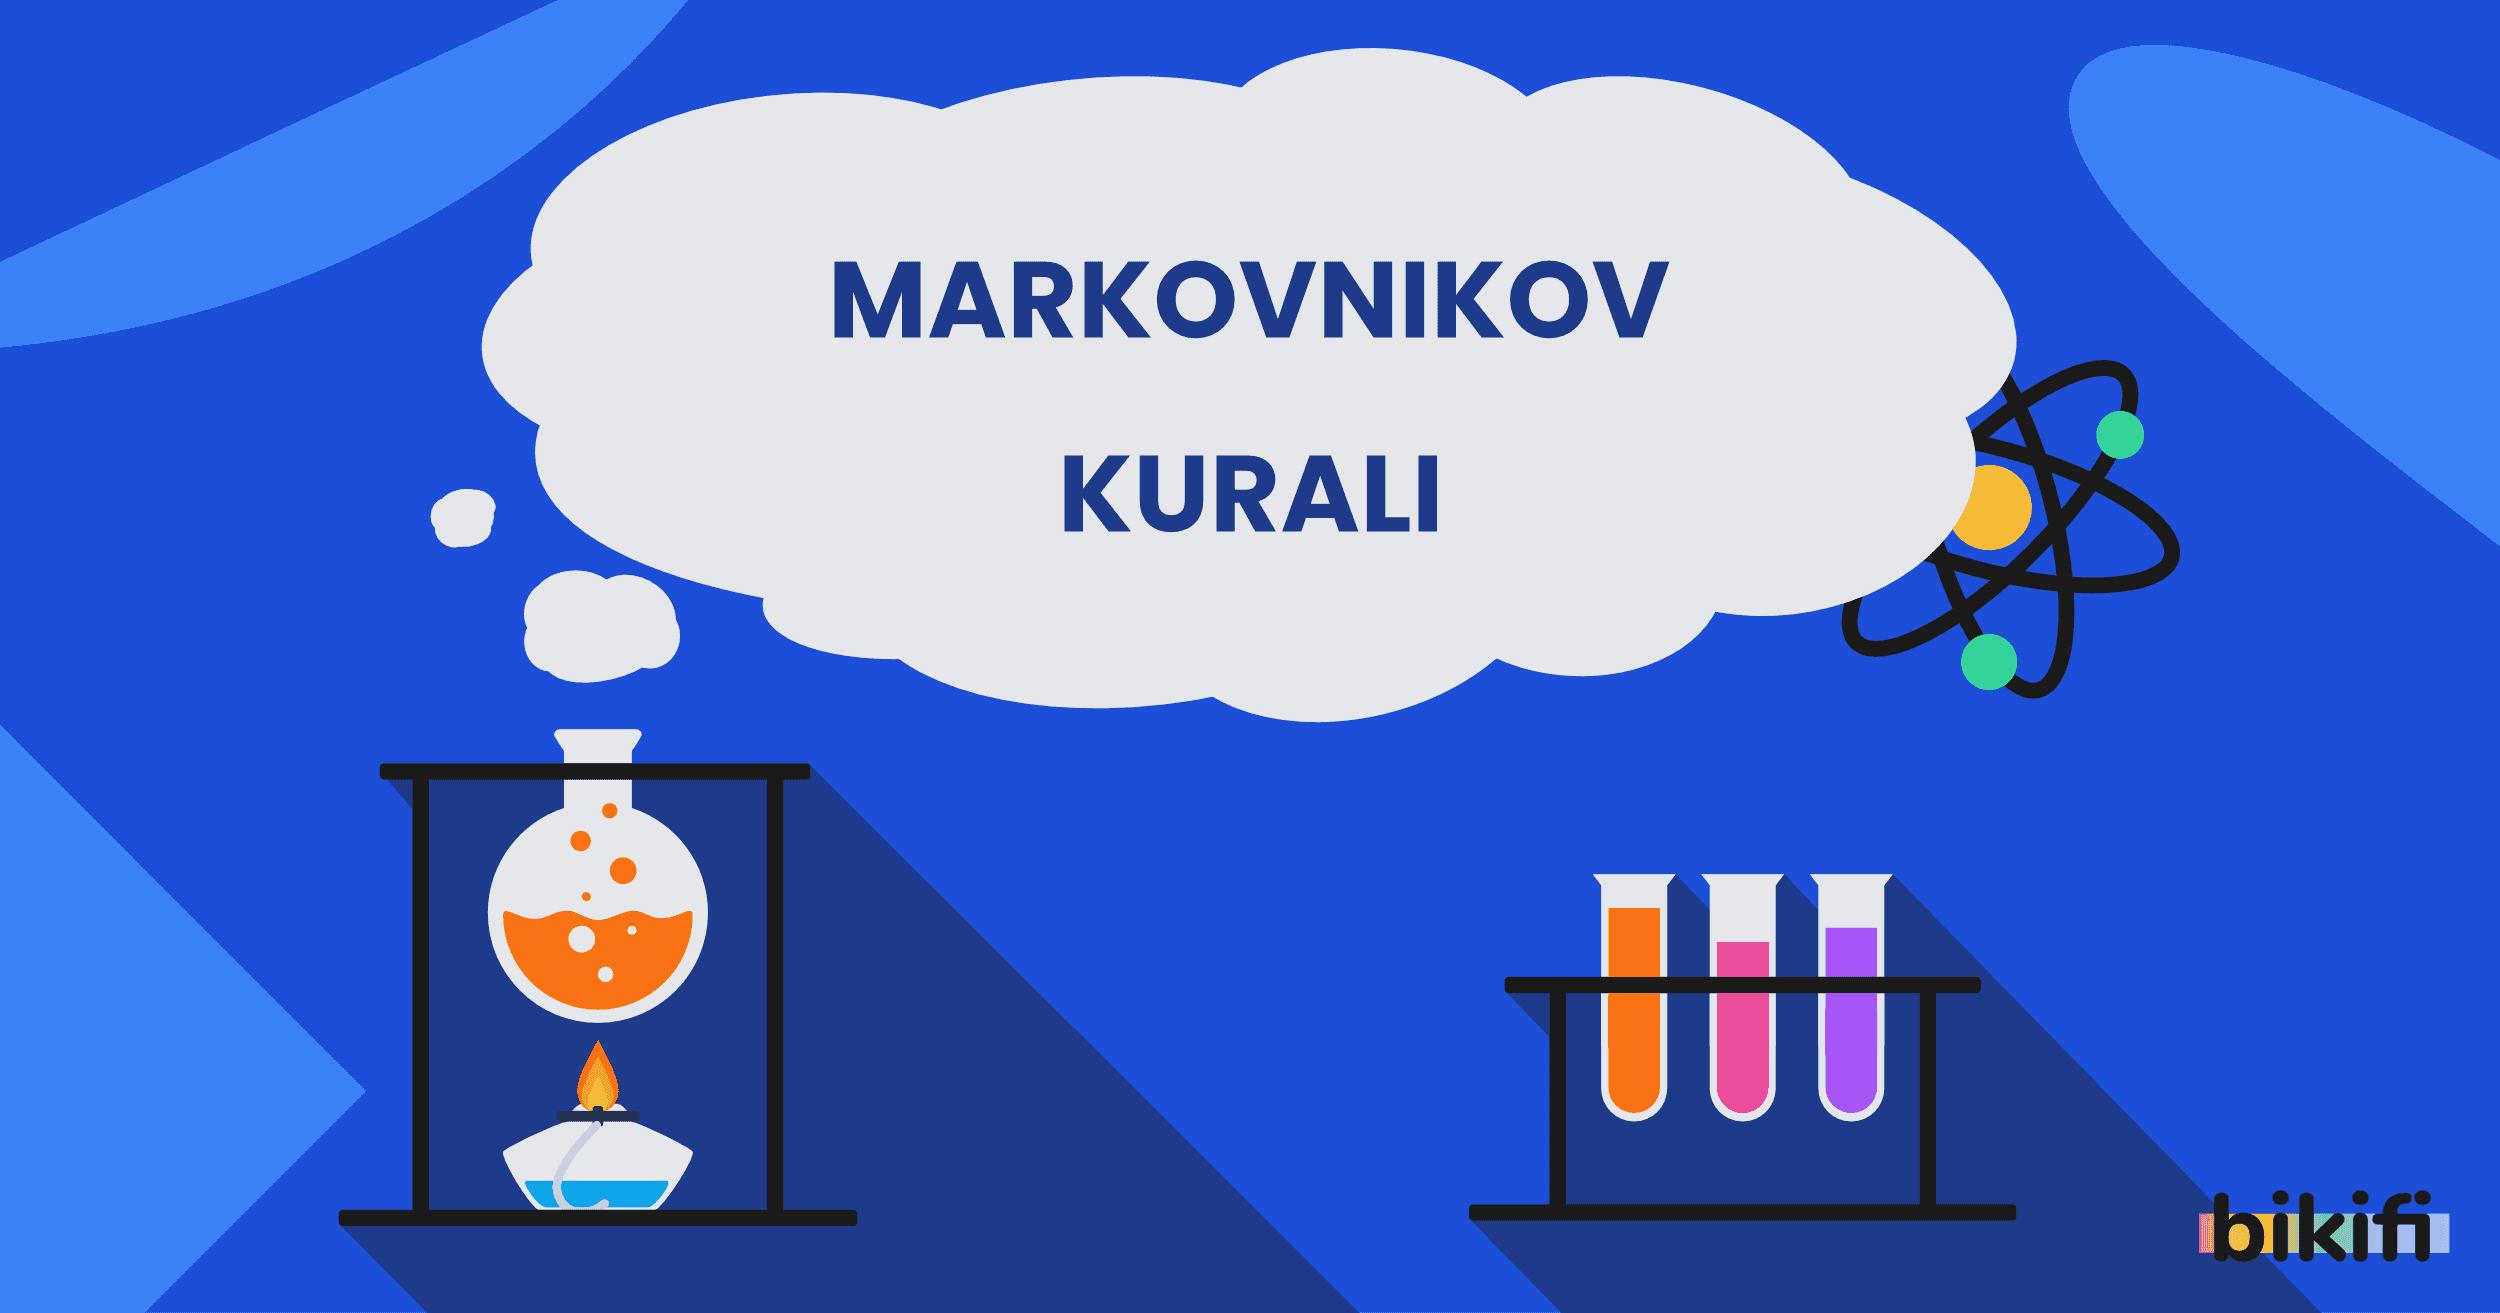 Markovnikov Kuralı